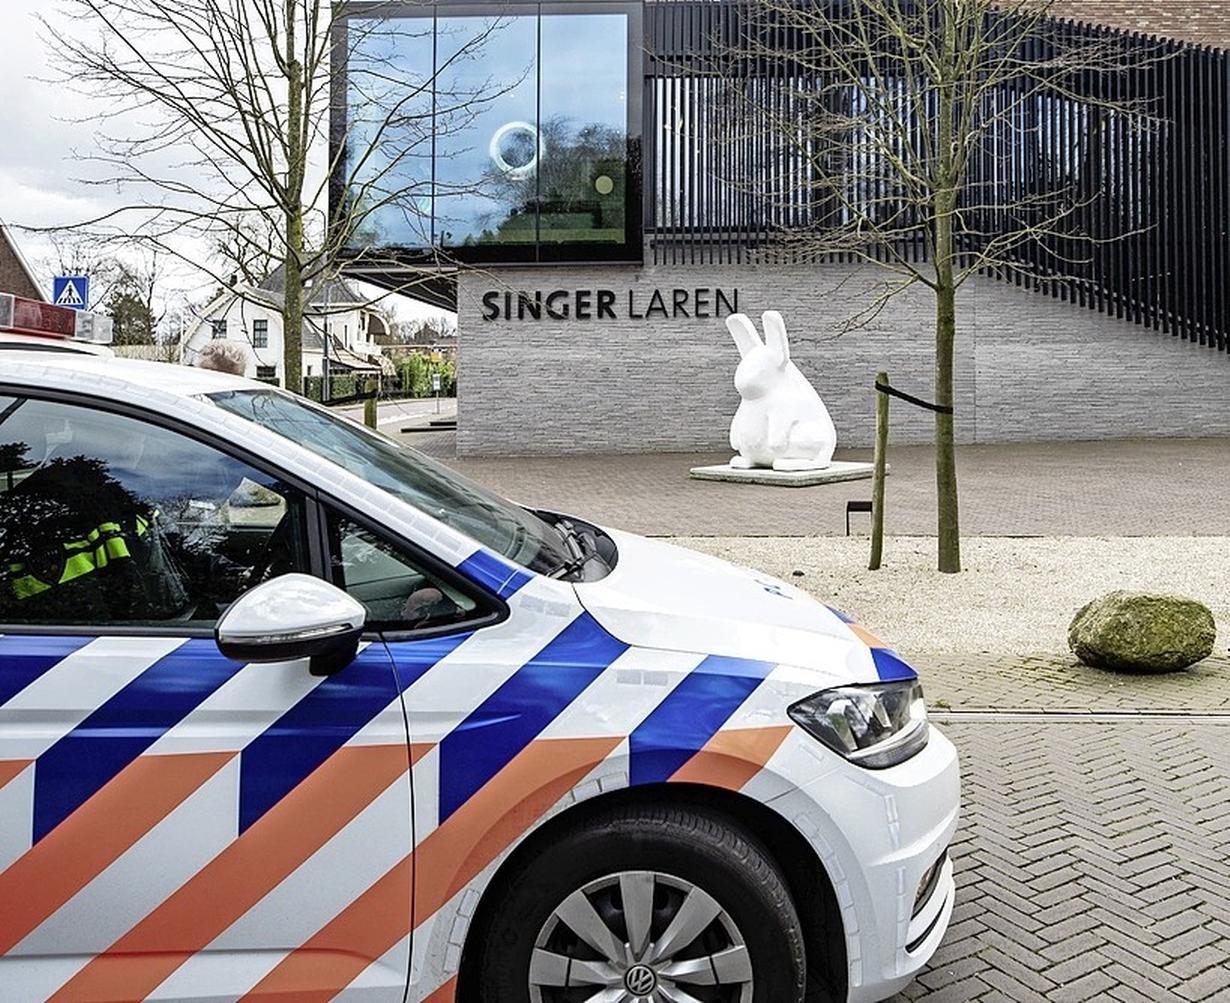 Baarnaar zwijgt in alle talen over diefstal van Van Gogh, justitie onderzoekt voetsporen van een onbekende man rond Singer